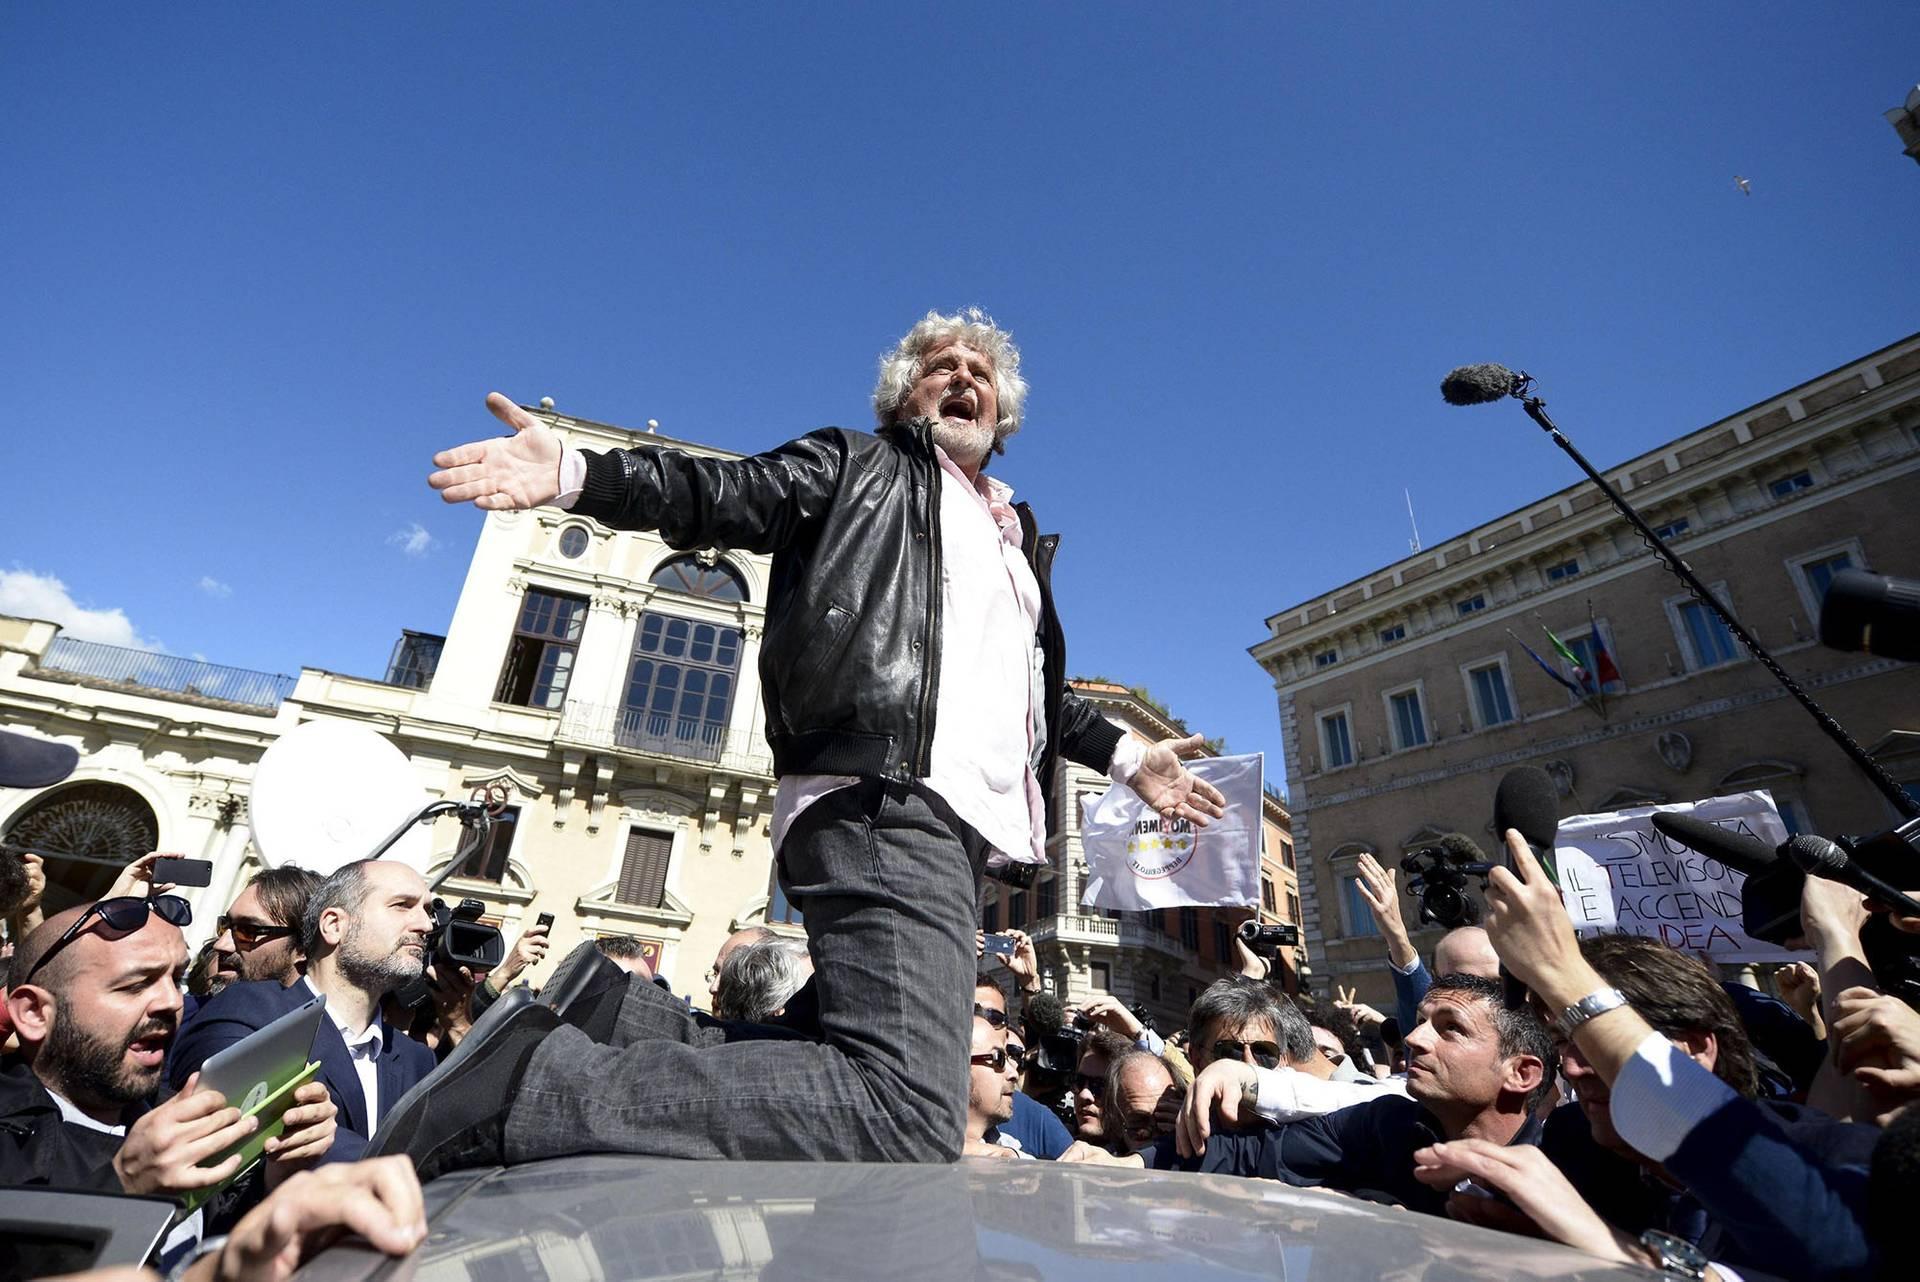 Засновник партії «Рух 5 зірок», італійський комік Беппе Грілло (в центрі) влаштував перформанс на даху автомобіля у Римі, Італія, 21 квітня 2013 року